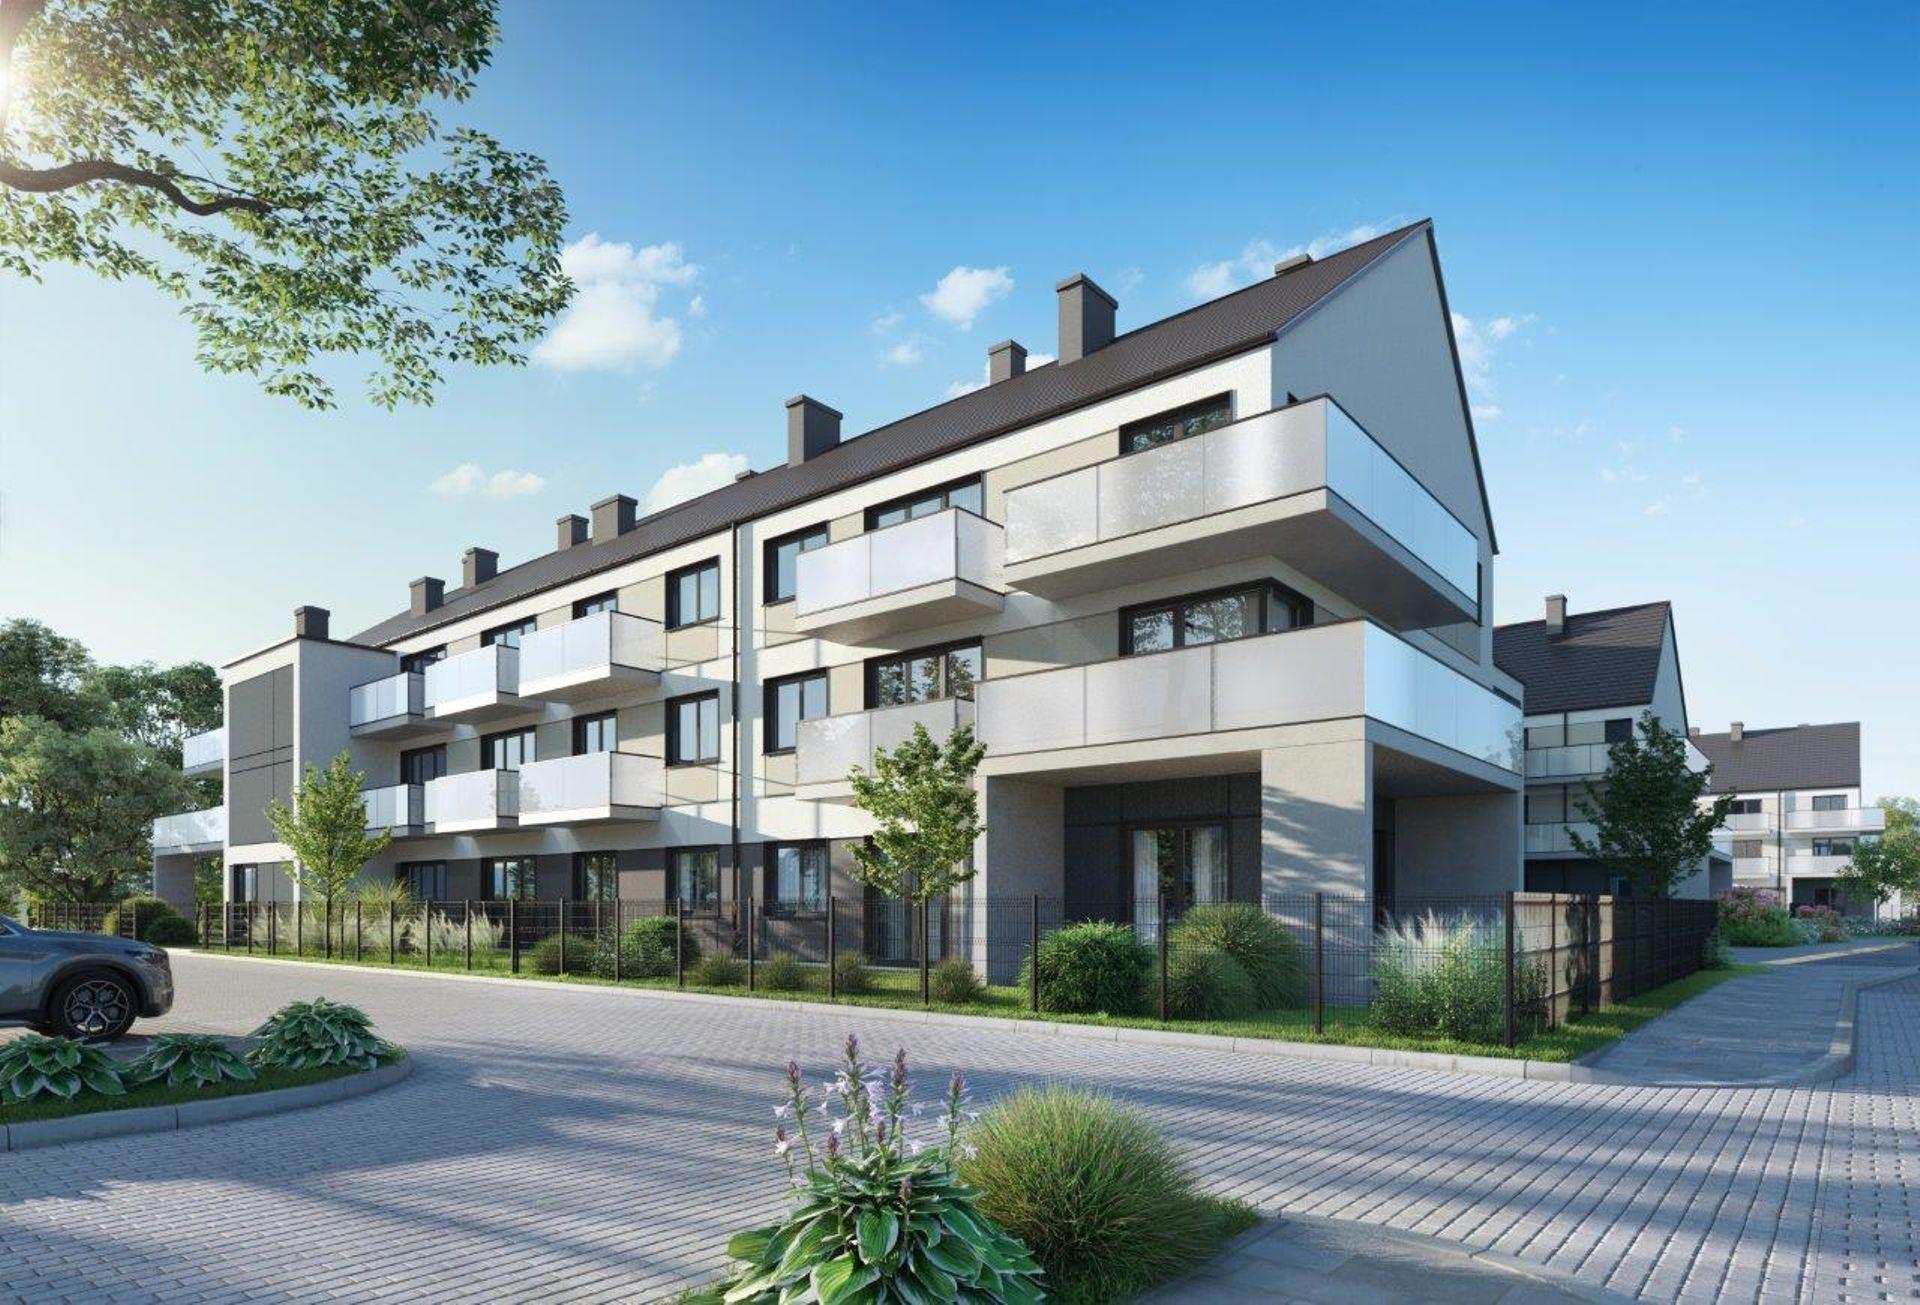 MaŚliczne – CTE znów inwestuje na zachodzie Wrocławia. Nowe mieszkania nad Ługowiną